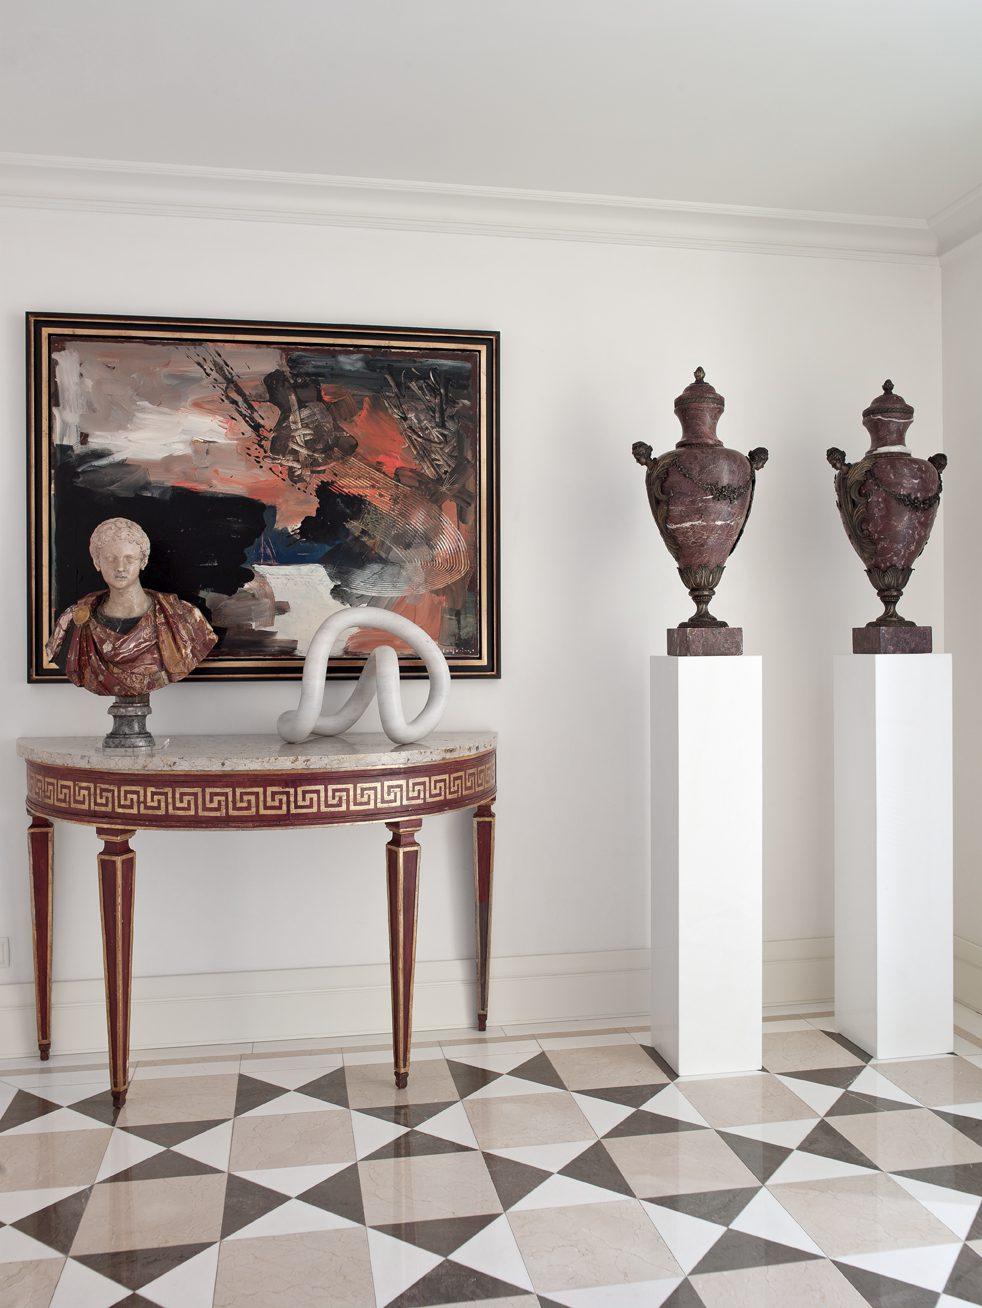 Muebles boj oviedo obtenga ideas dise o de muebles para for Decoracion oviedo